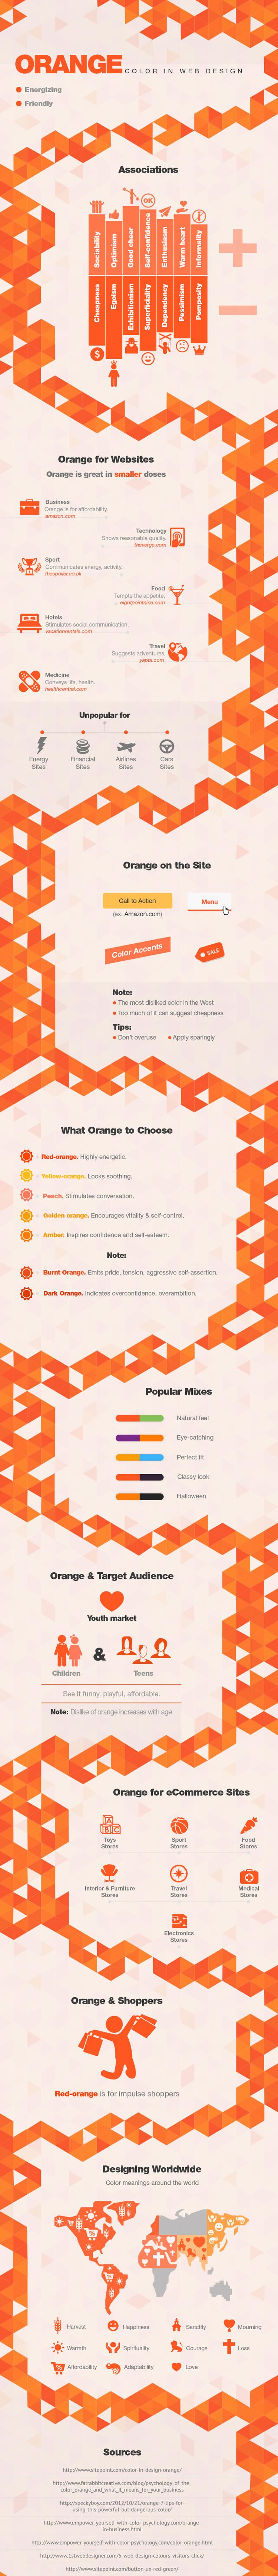 Orange in web design